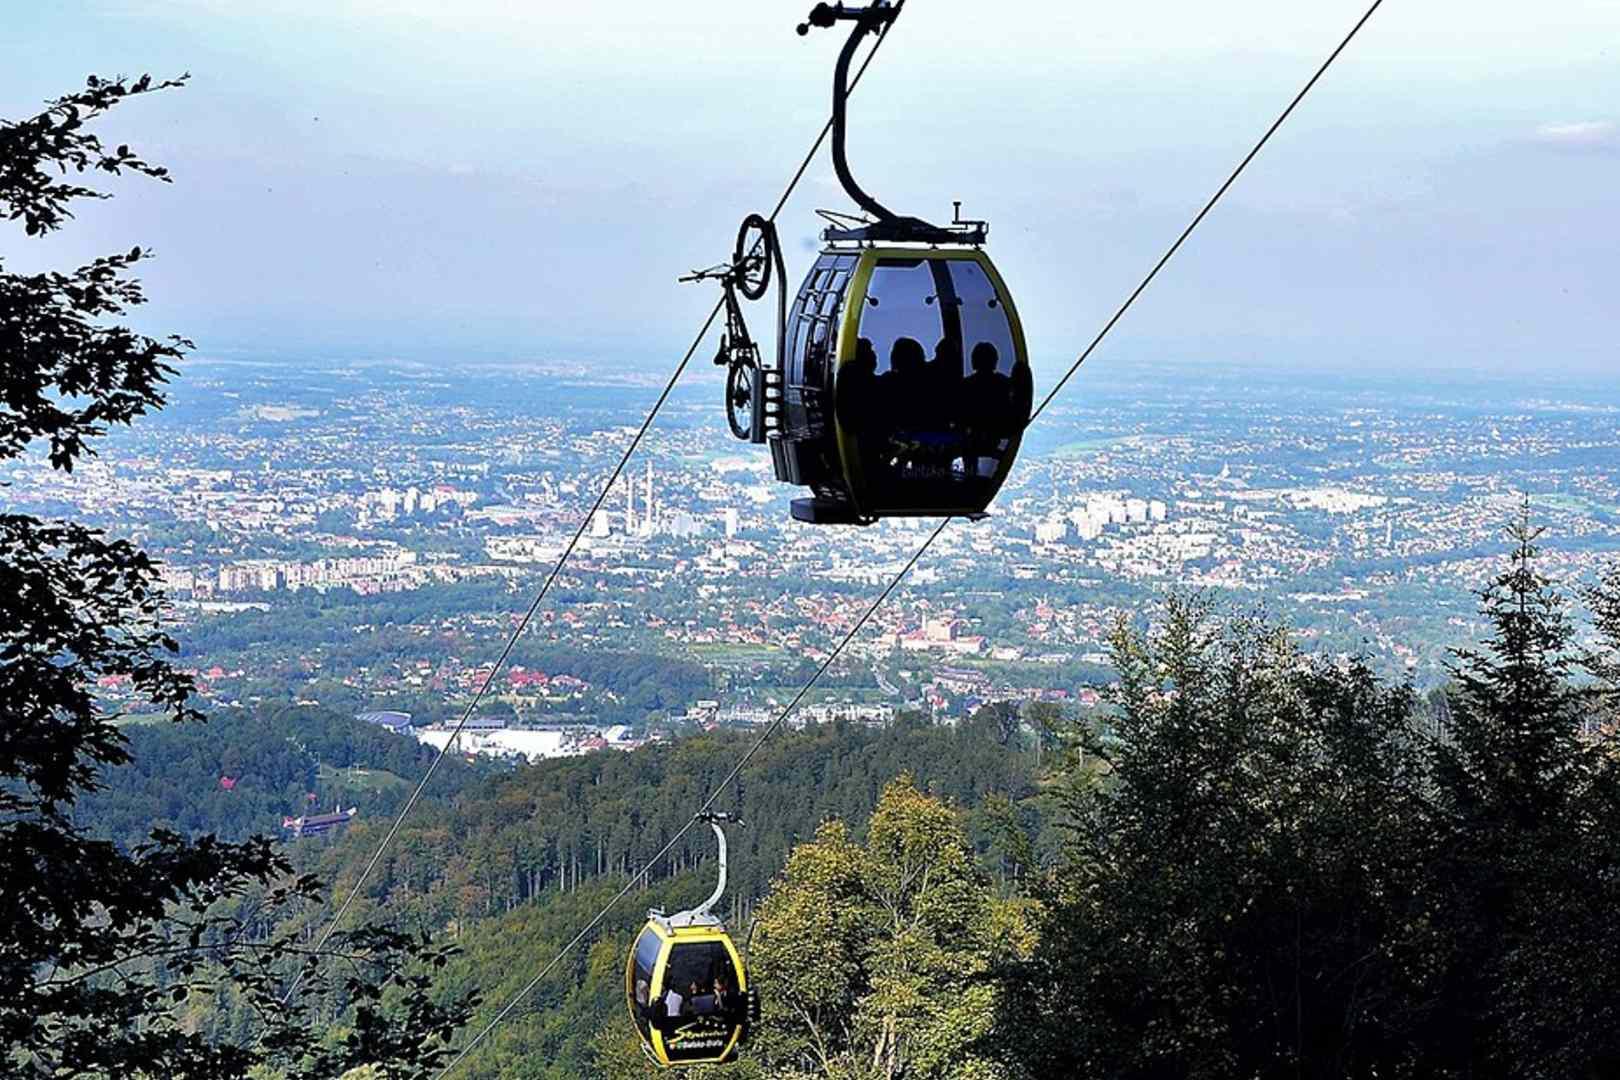 Turyści będą mogli w maju skorzystać z kolejek linowych